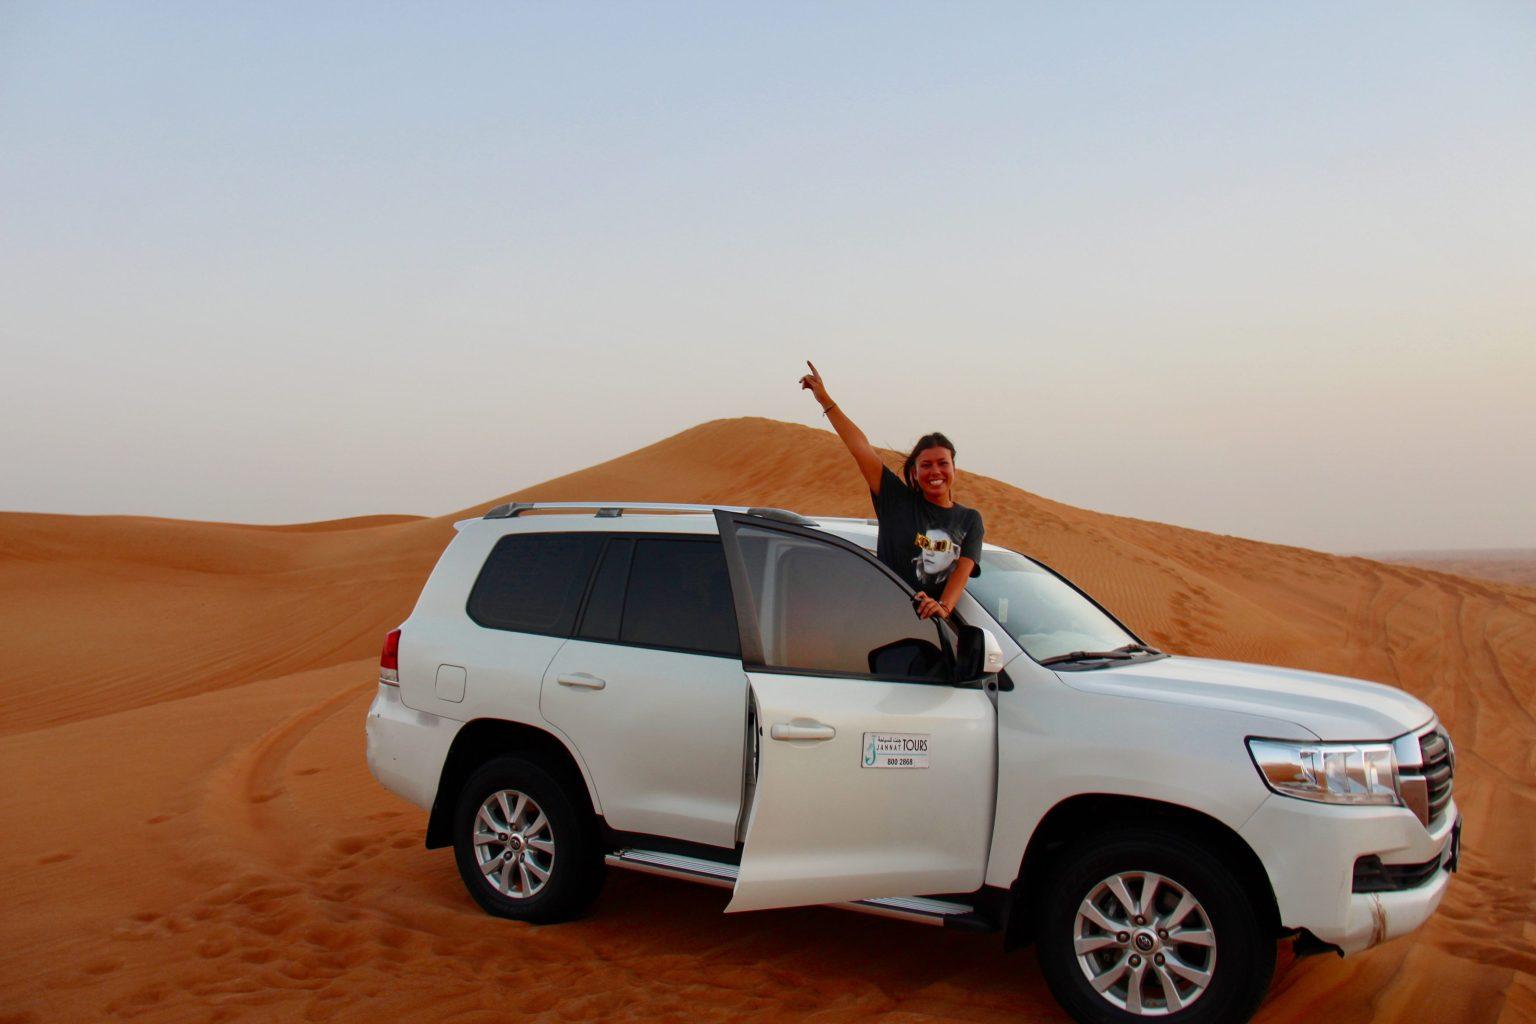 De auto waarmee je door de woestijn zult rijden